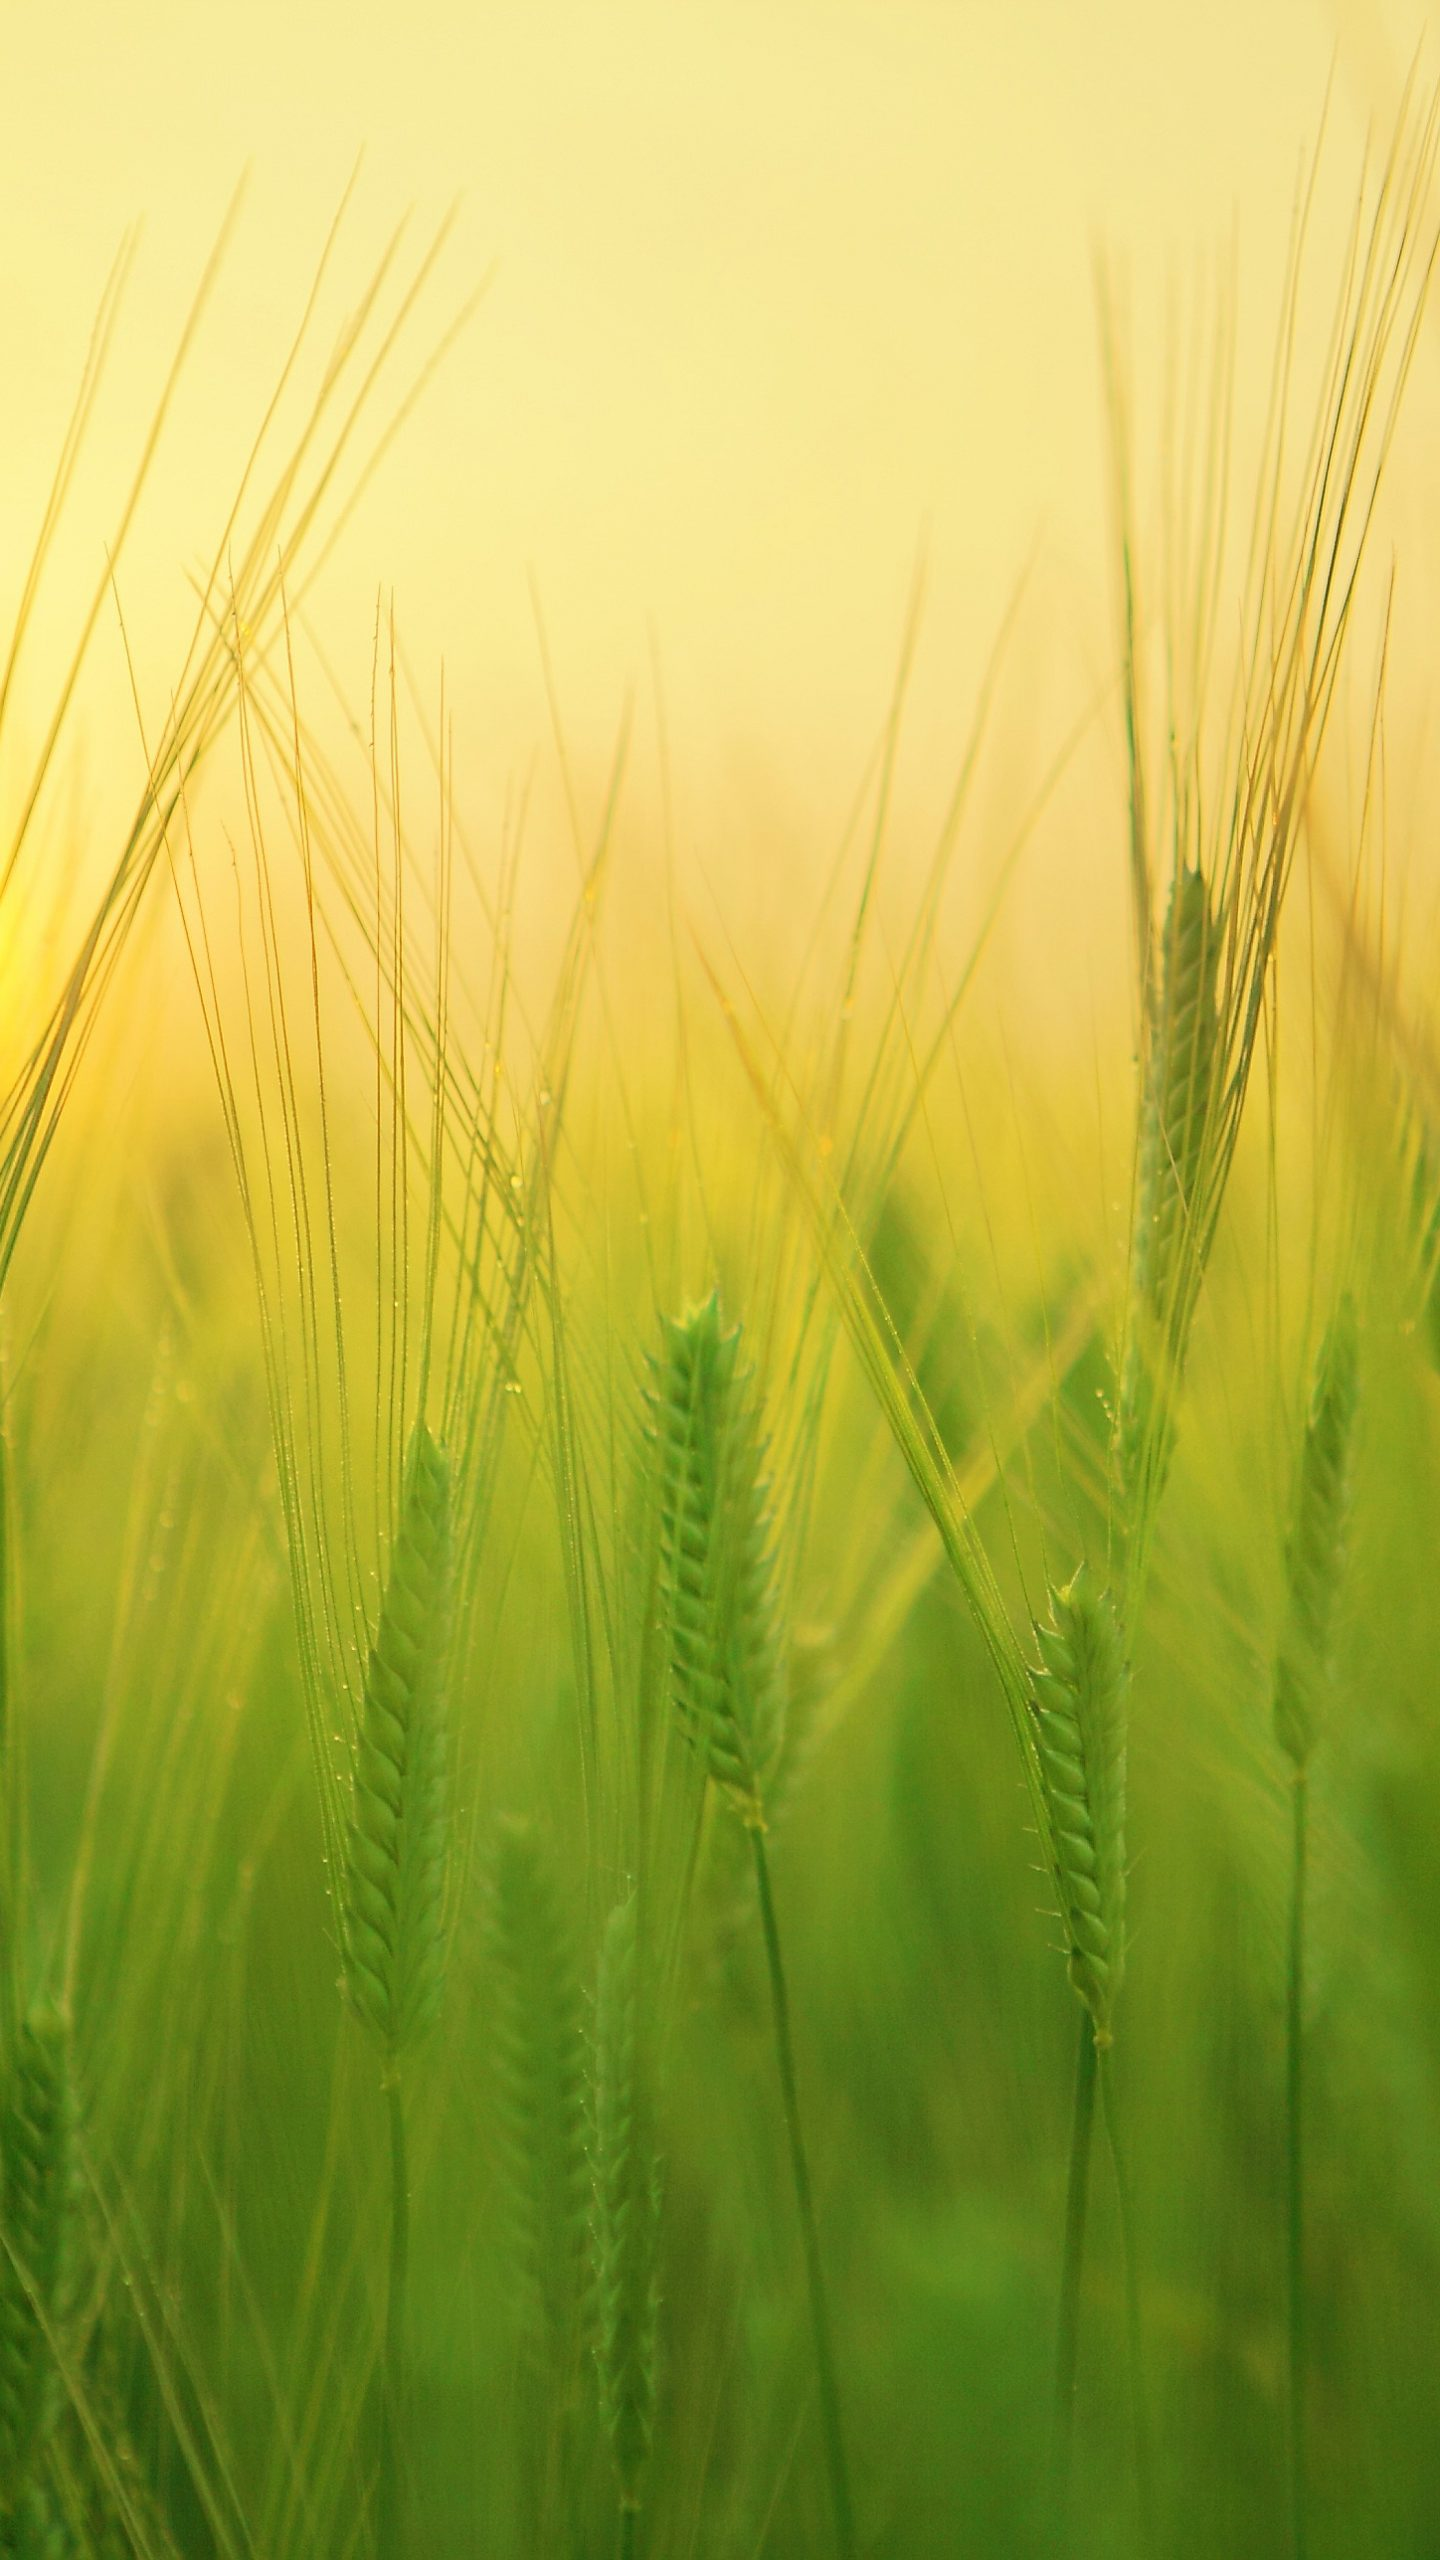 Grass Green Sunset Orange Sky Nature 4k Wallpaper Best Wallpapers